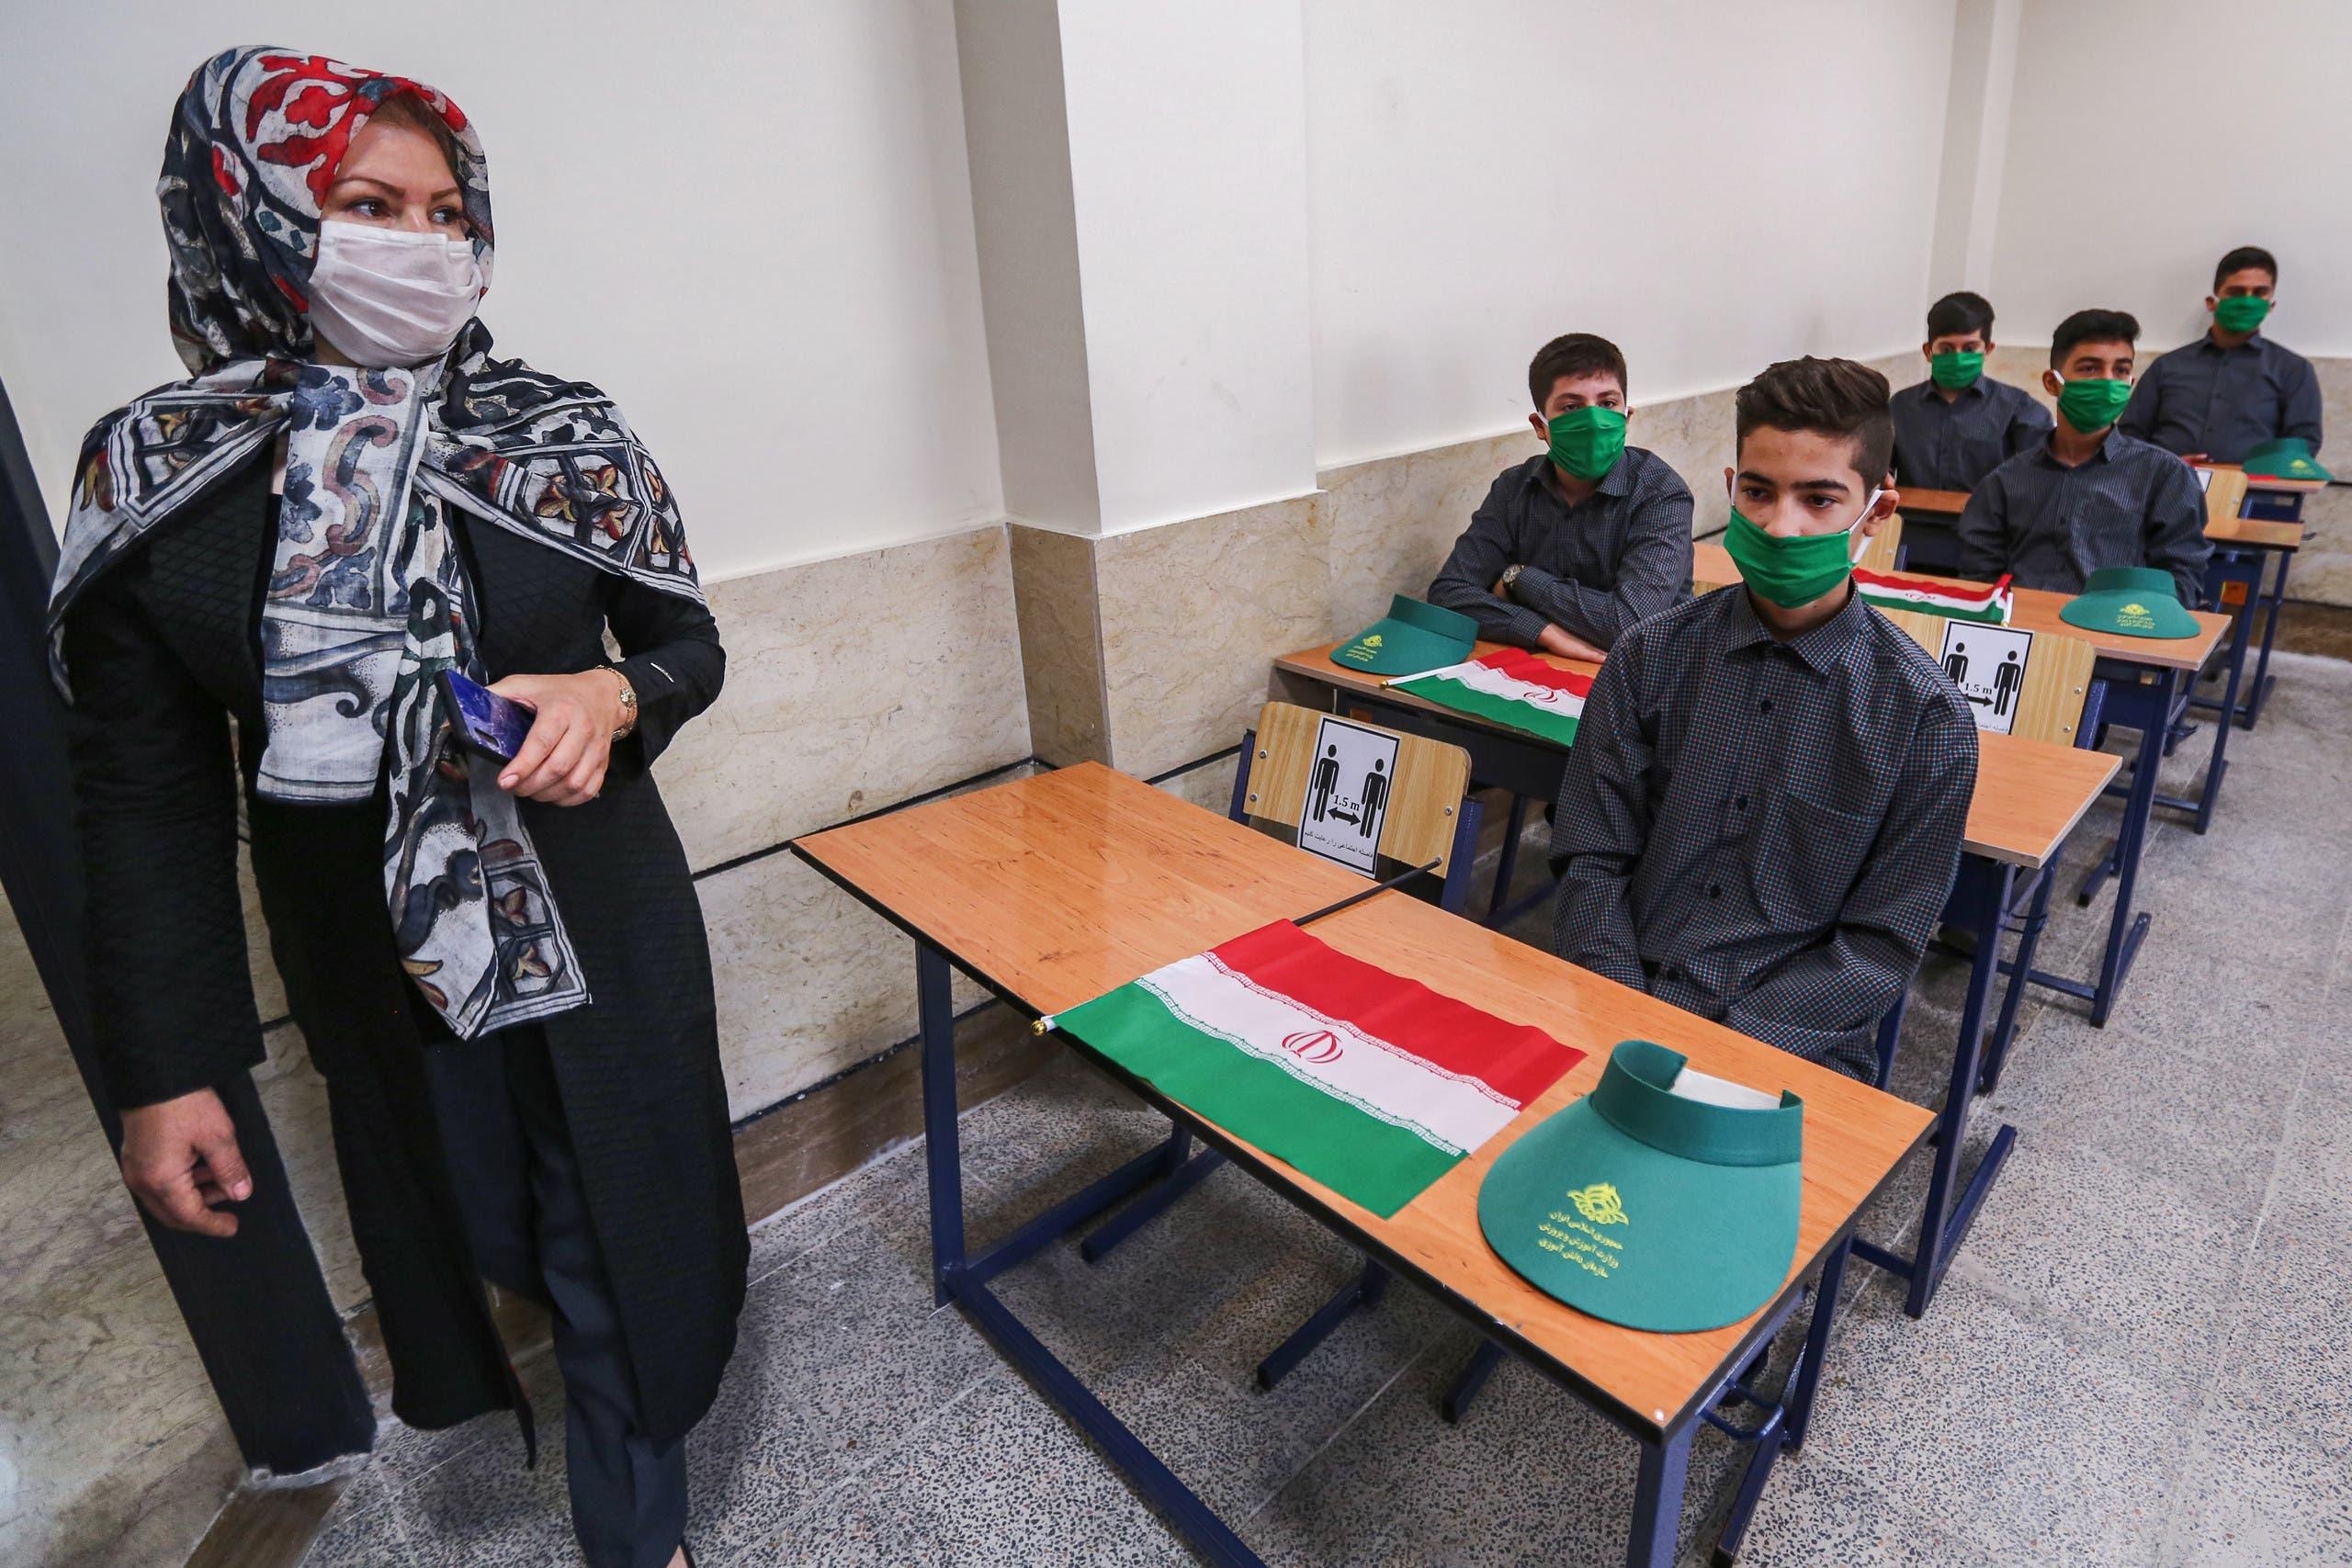 طلاب يرتدون الكمامات في مدرسة بطهران